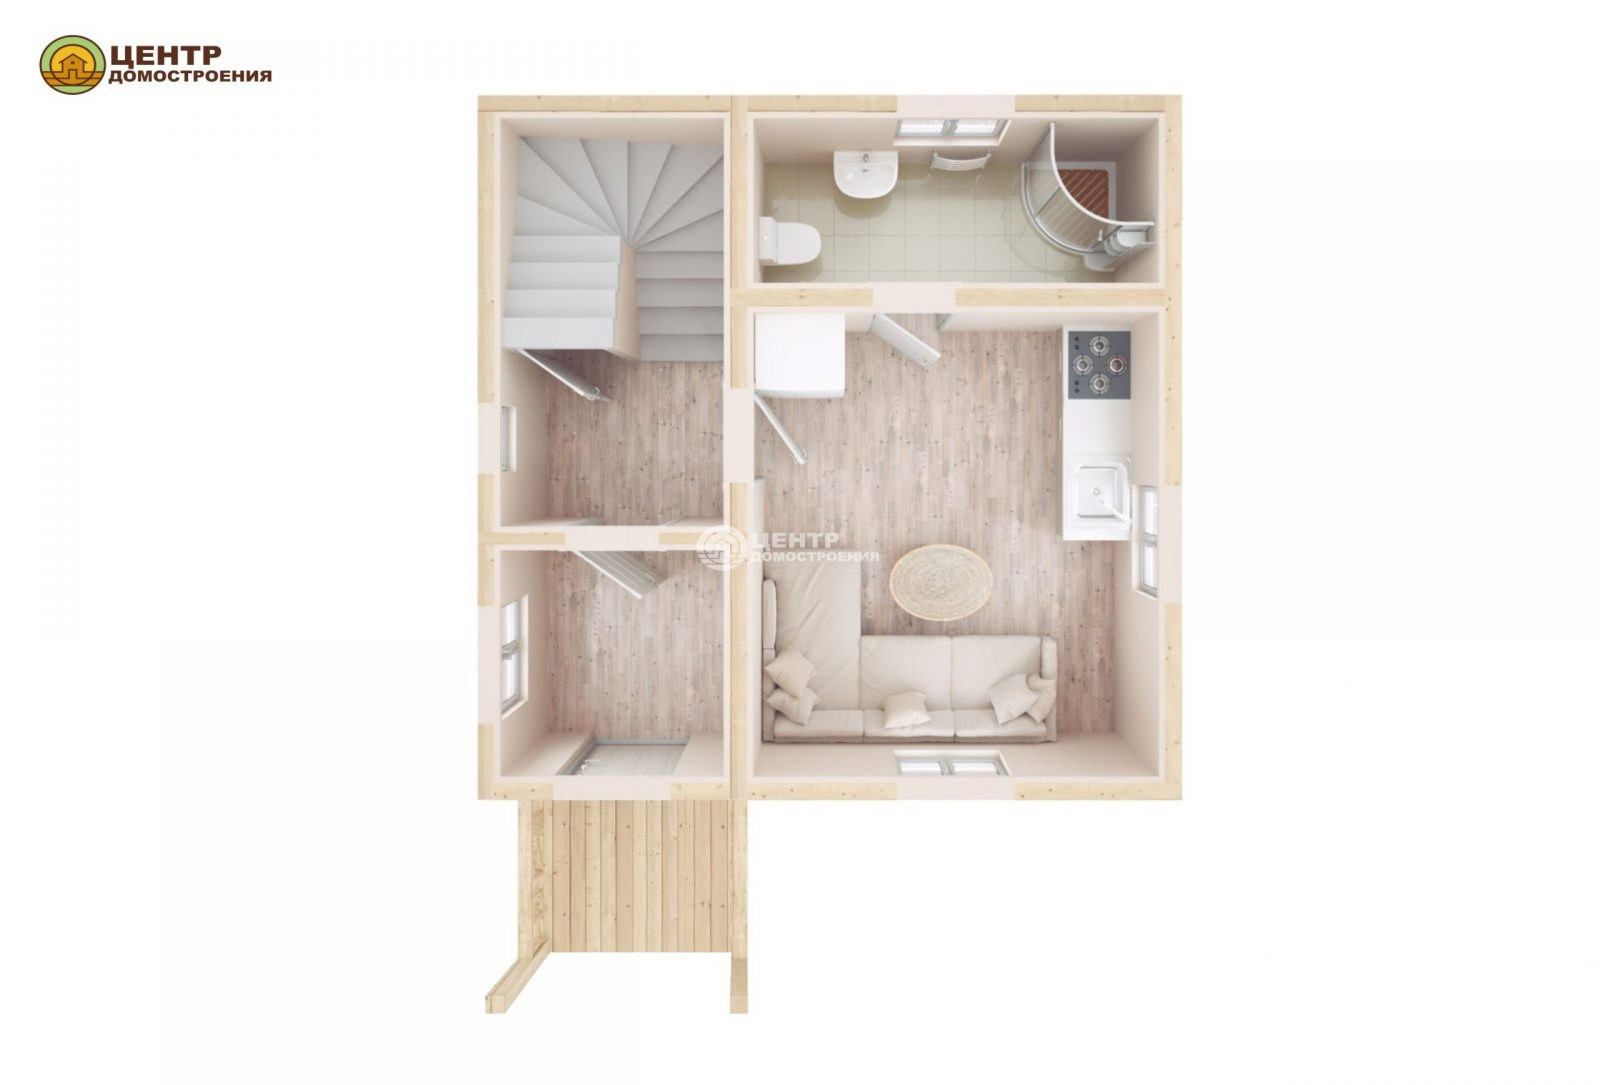 Проект деревянного дома с мансардой